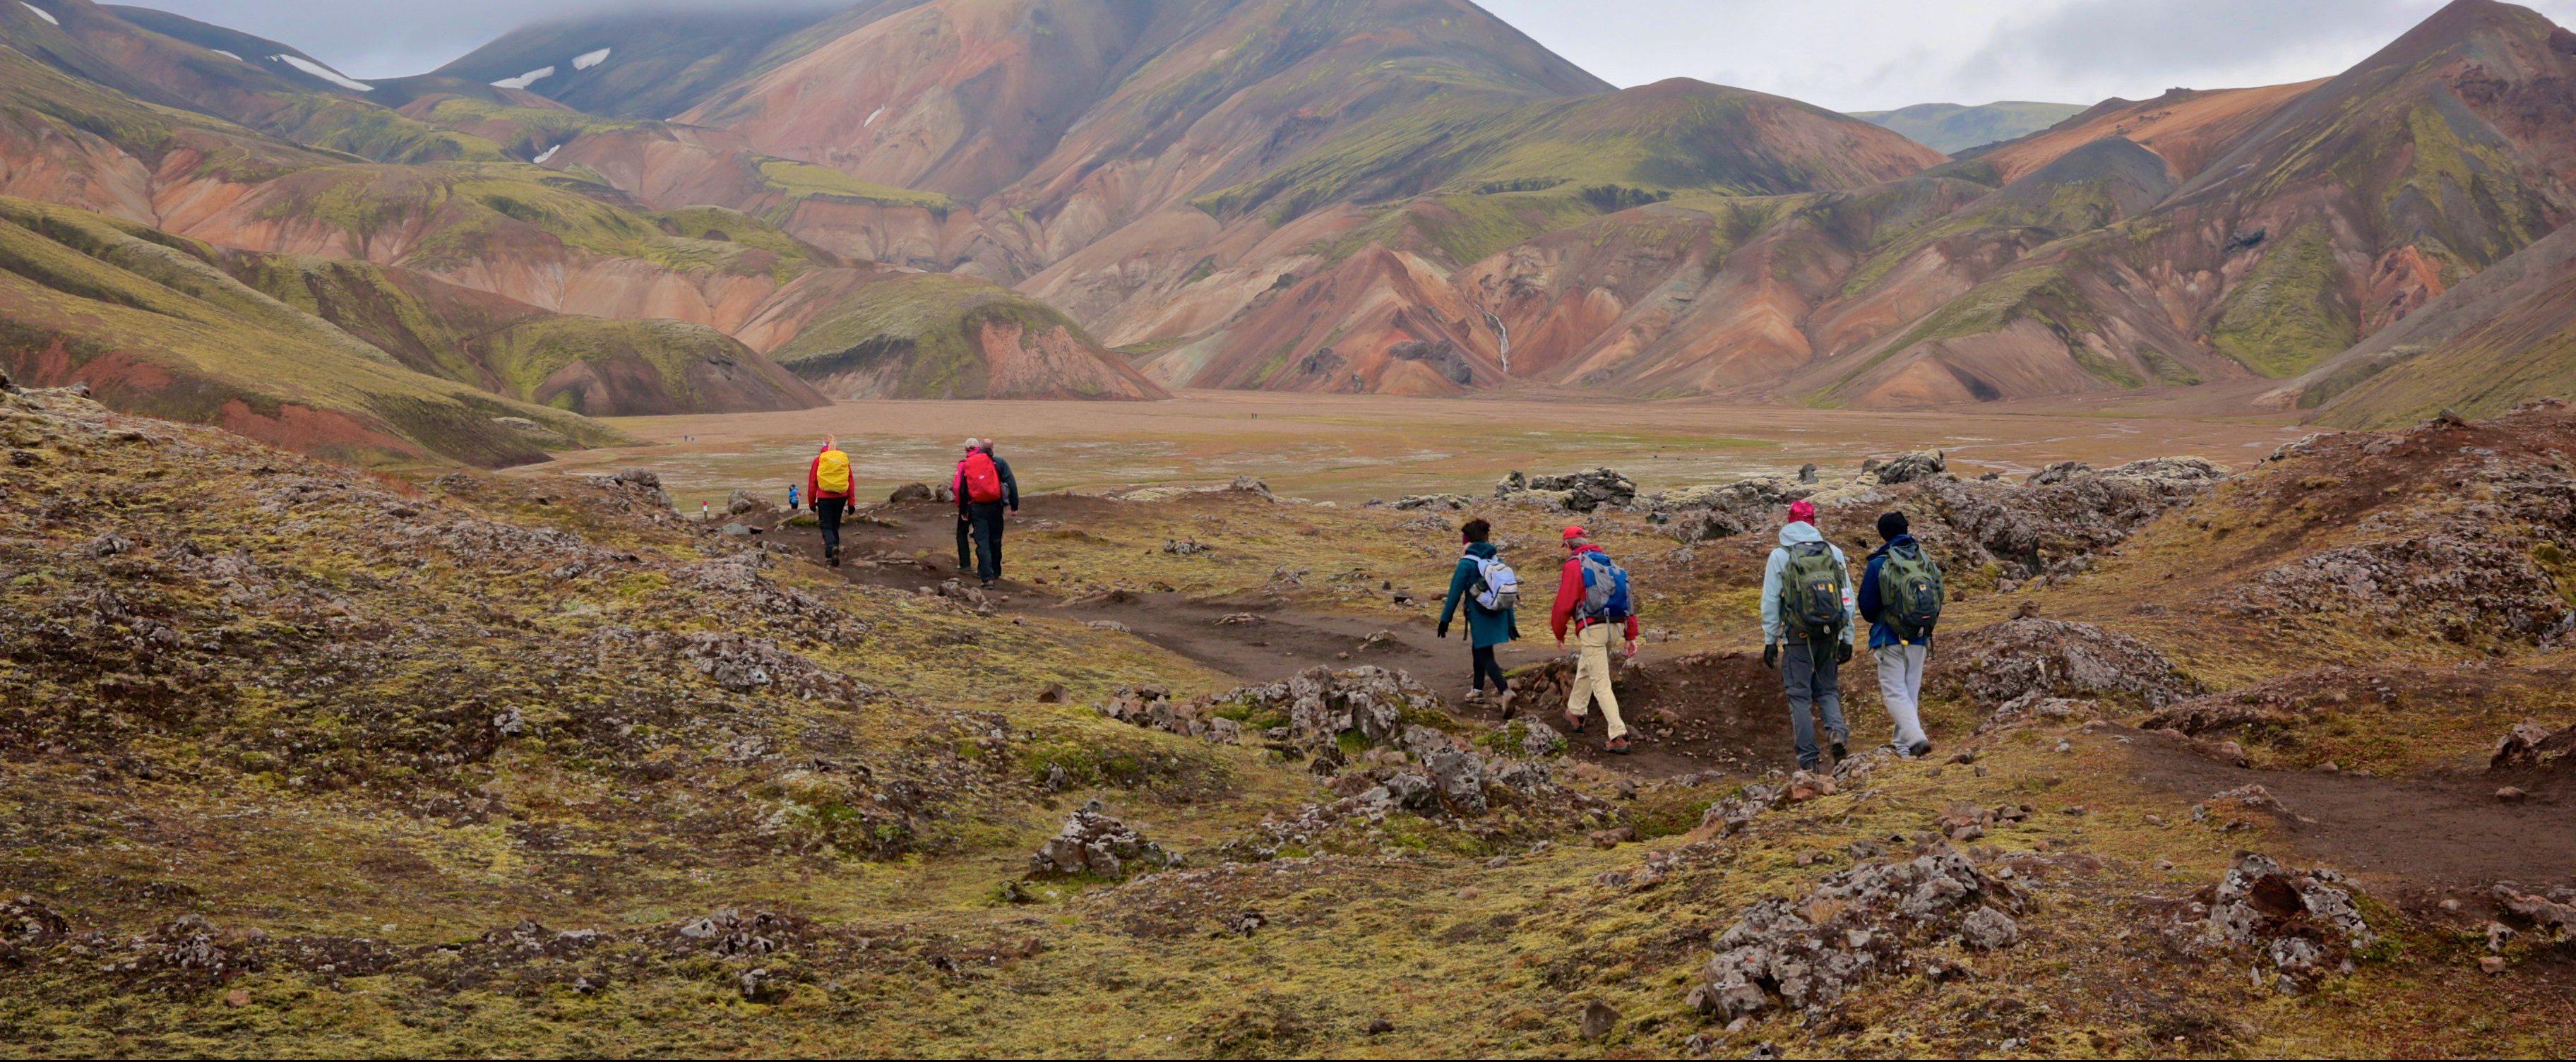 Wanderer laufen im Hochland Islands